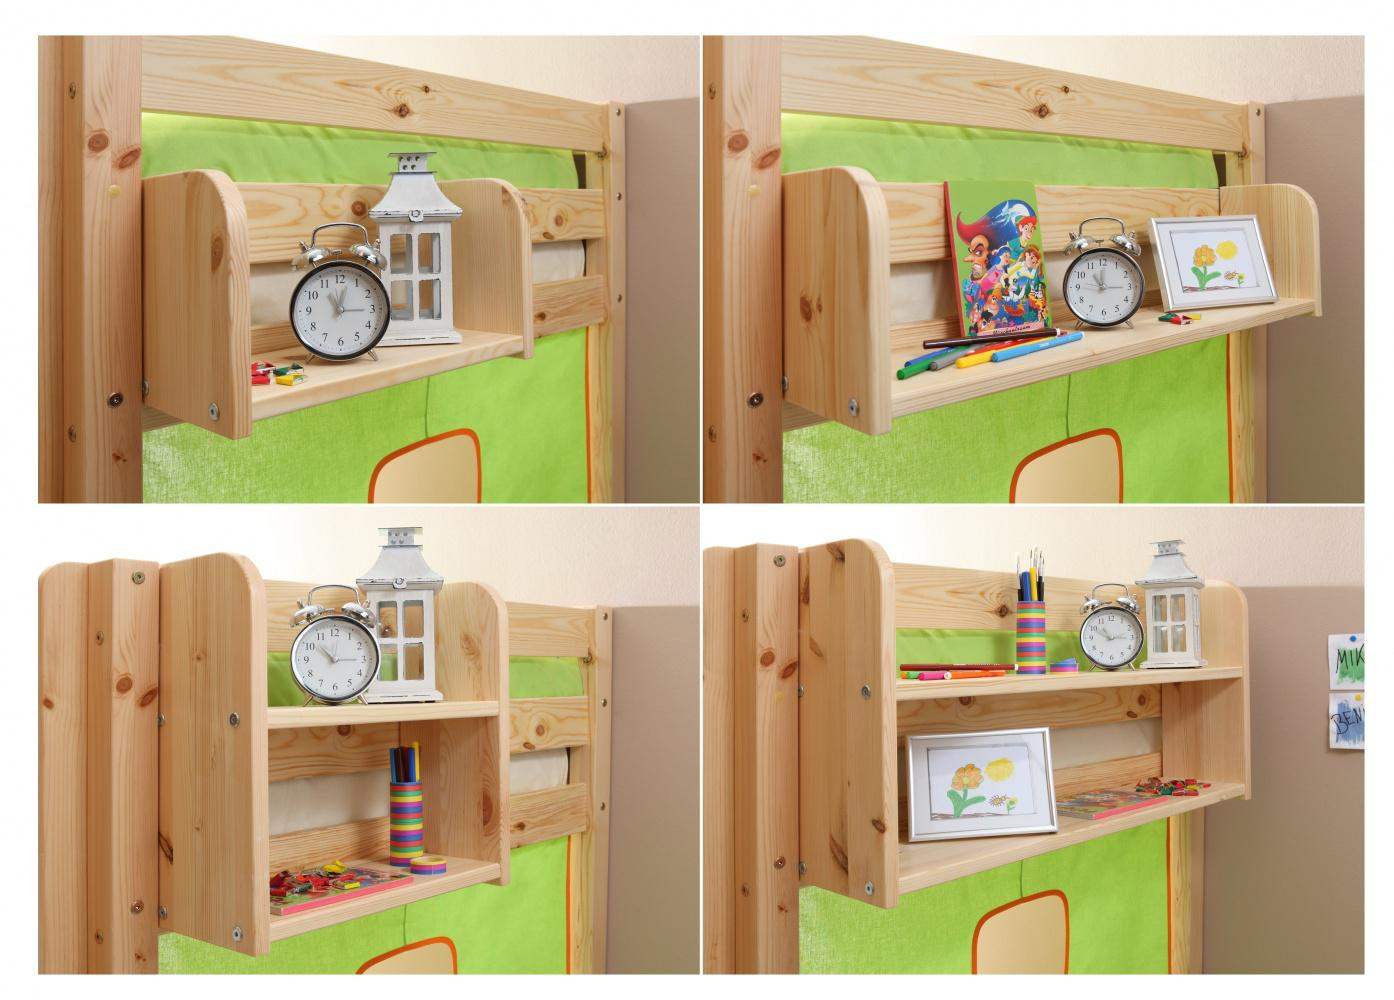 Etagenbetten Kinder : Kinder etagenbett kiefer massiv timo inklusive vorhang kaufen bei